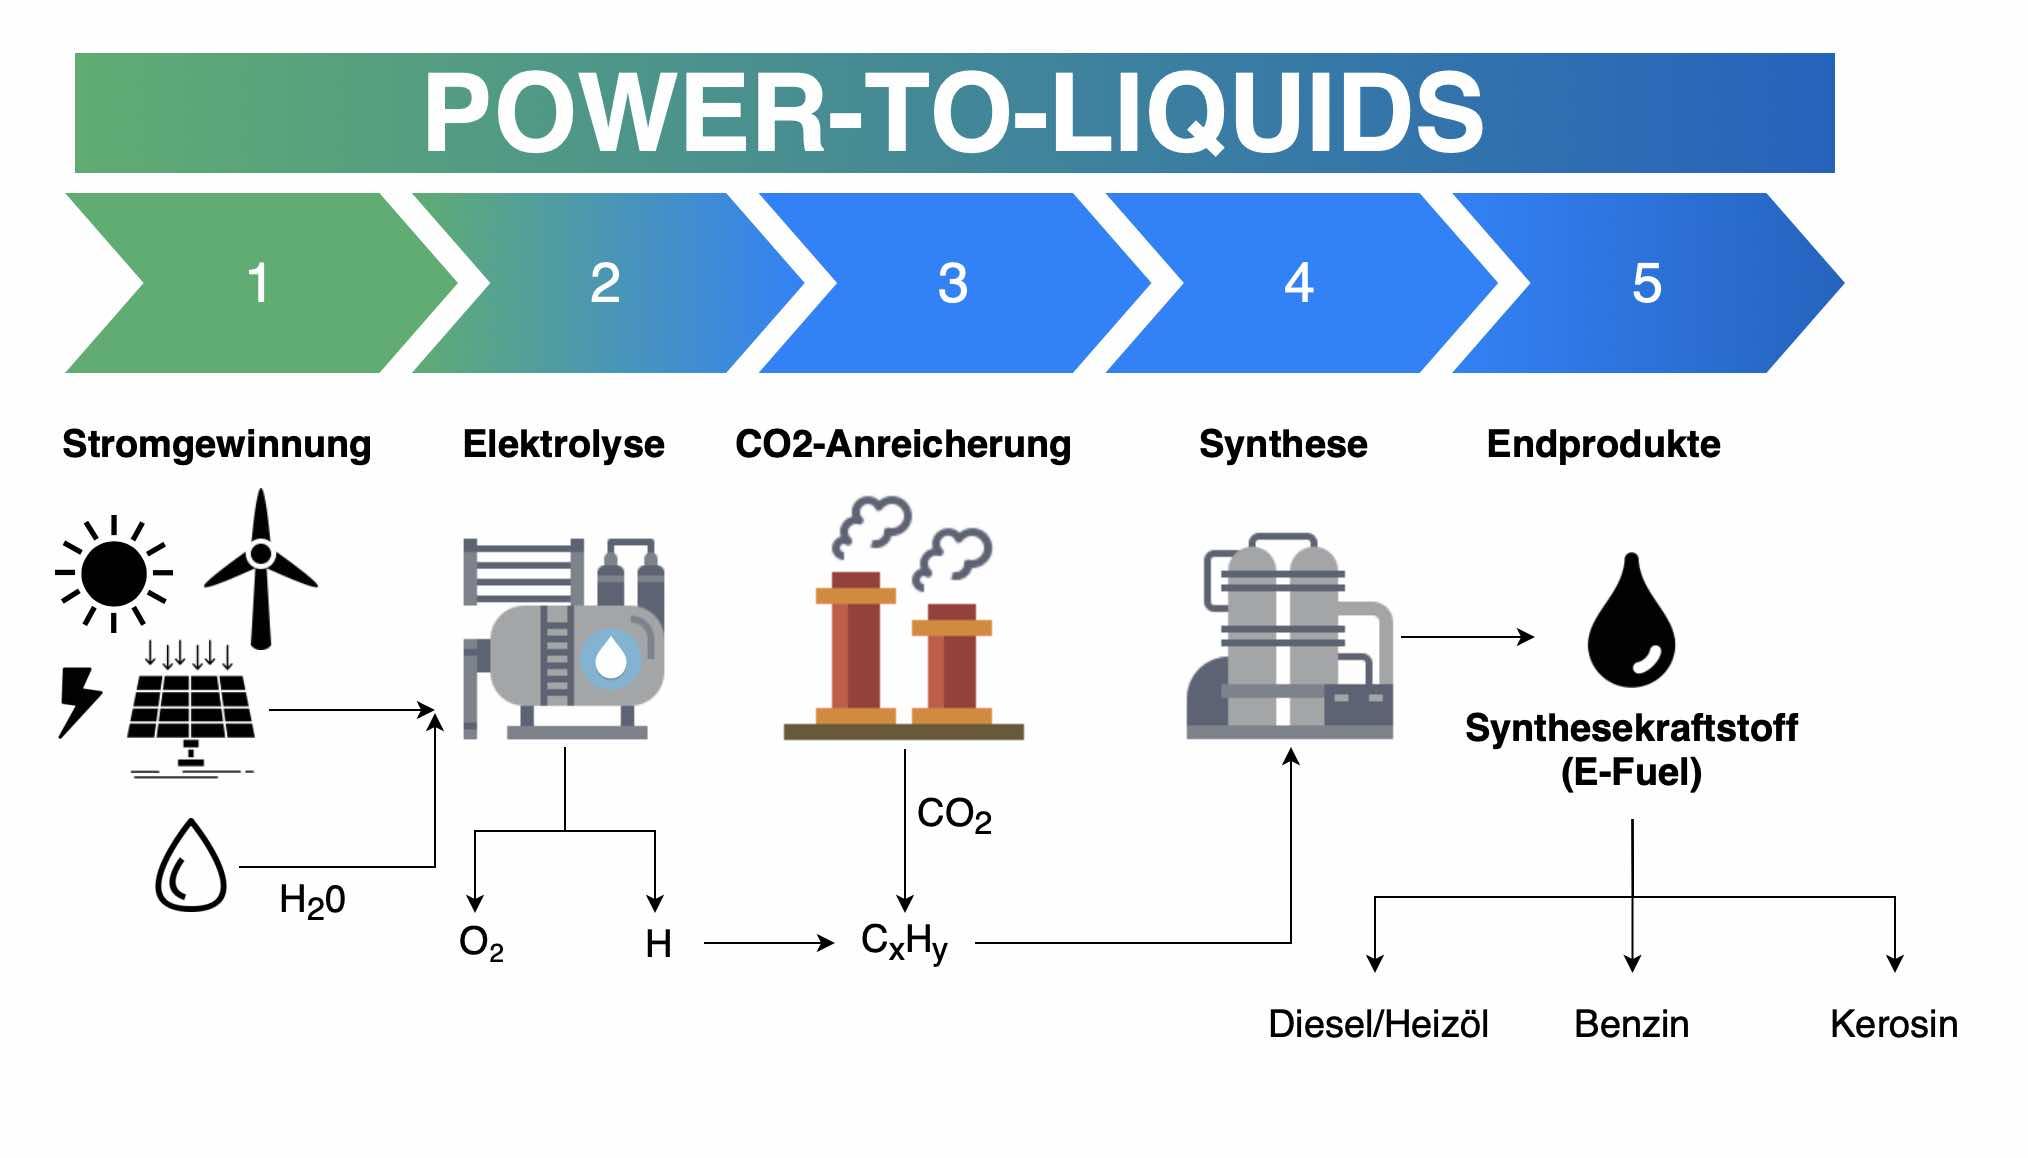 Power to Liquids funktioniert auch mit Heizöl!